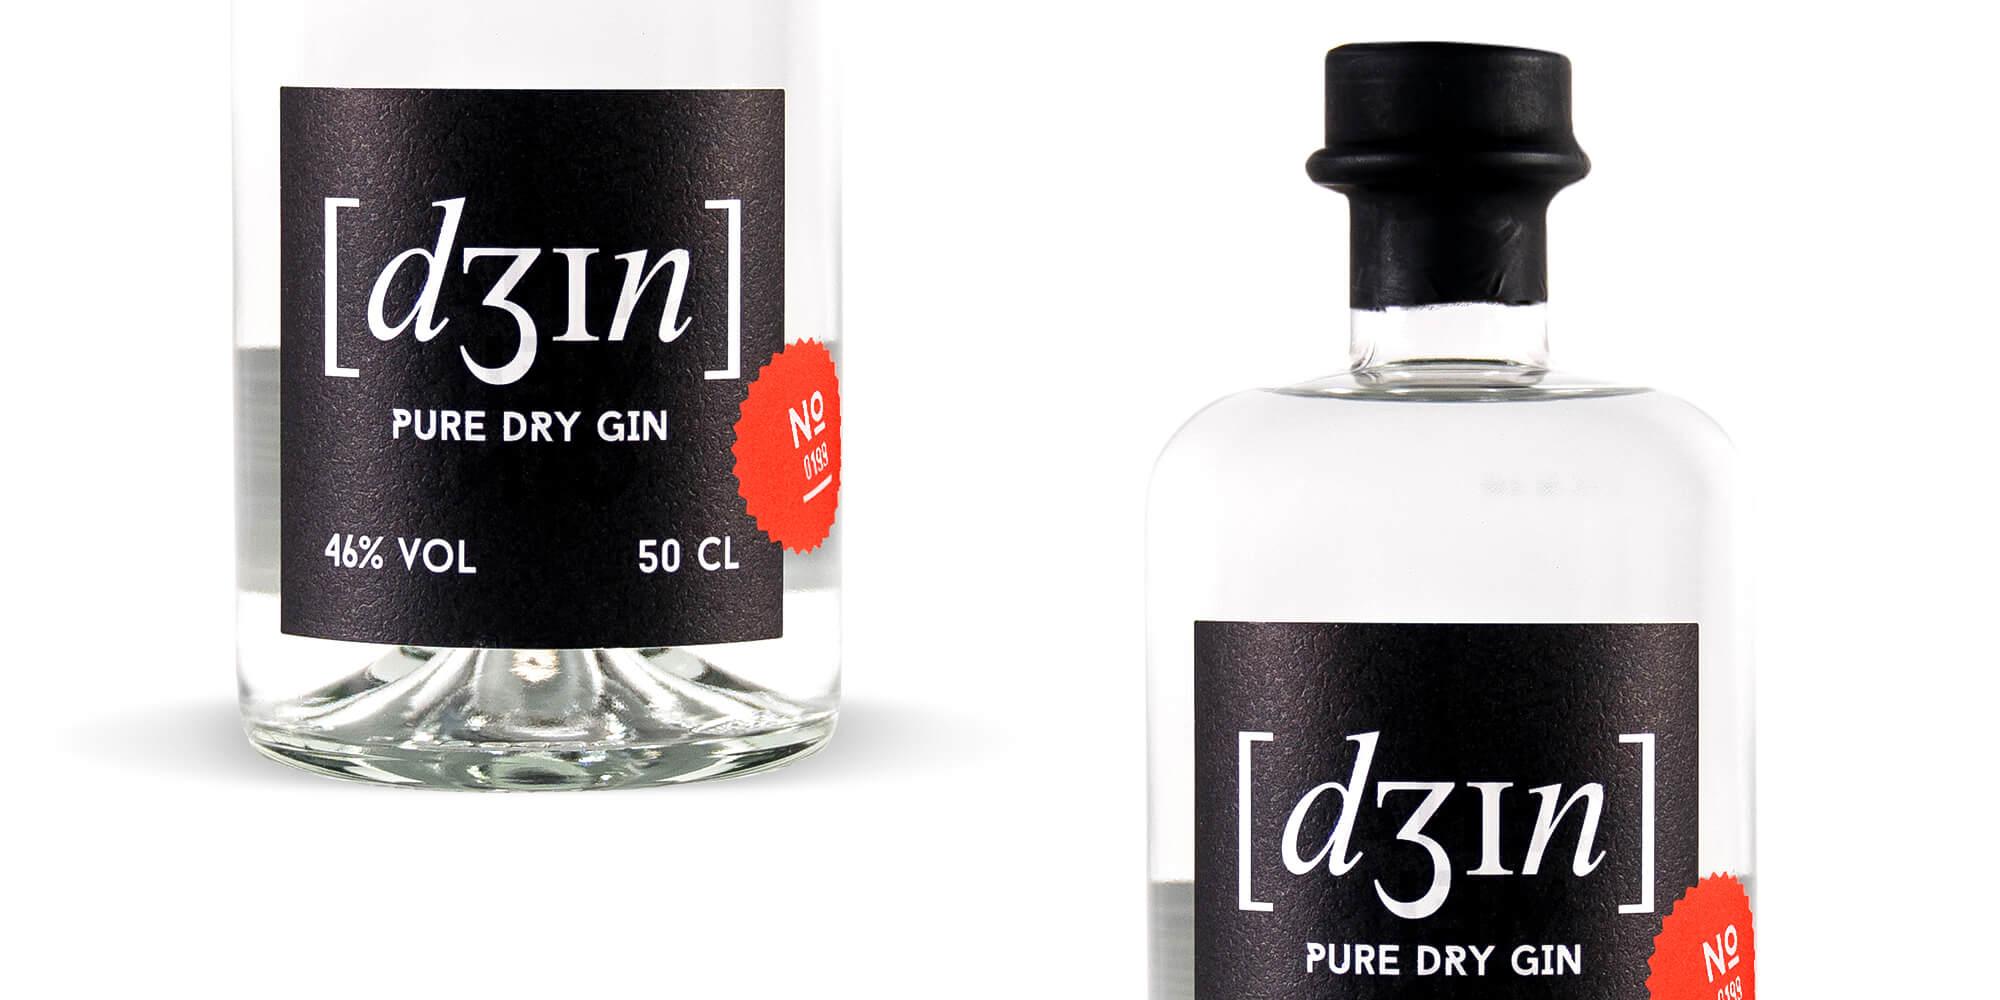 Schau und Horch Produktfotografie Dein Gin 4 - Corporate Identity für [dʒɪn]